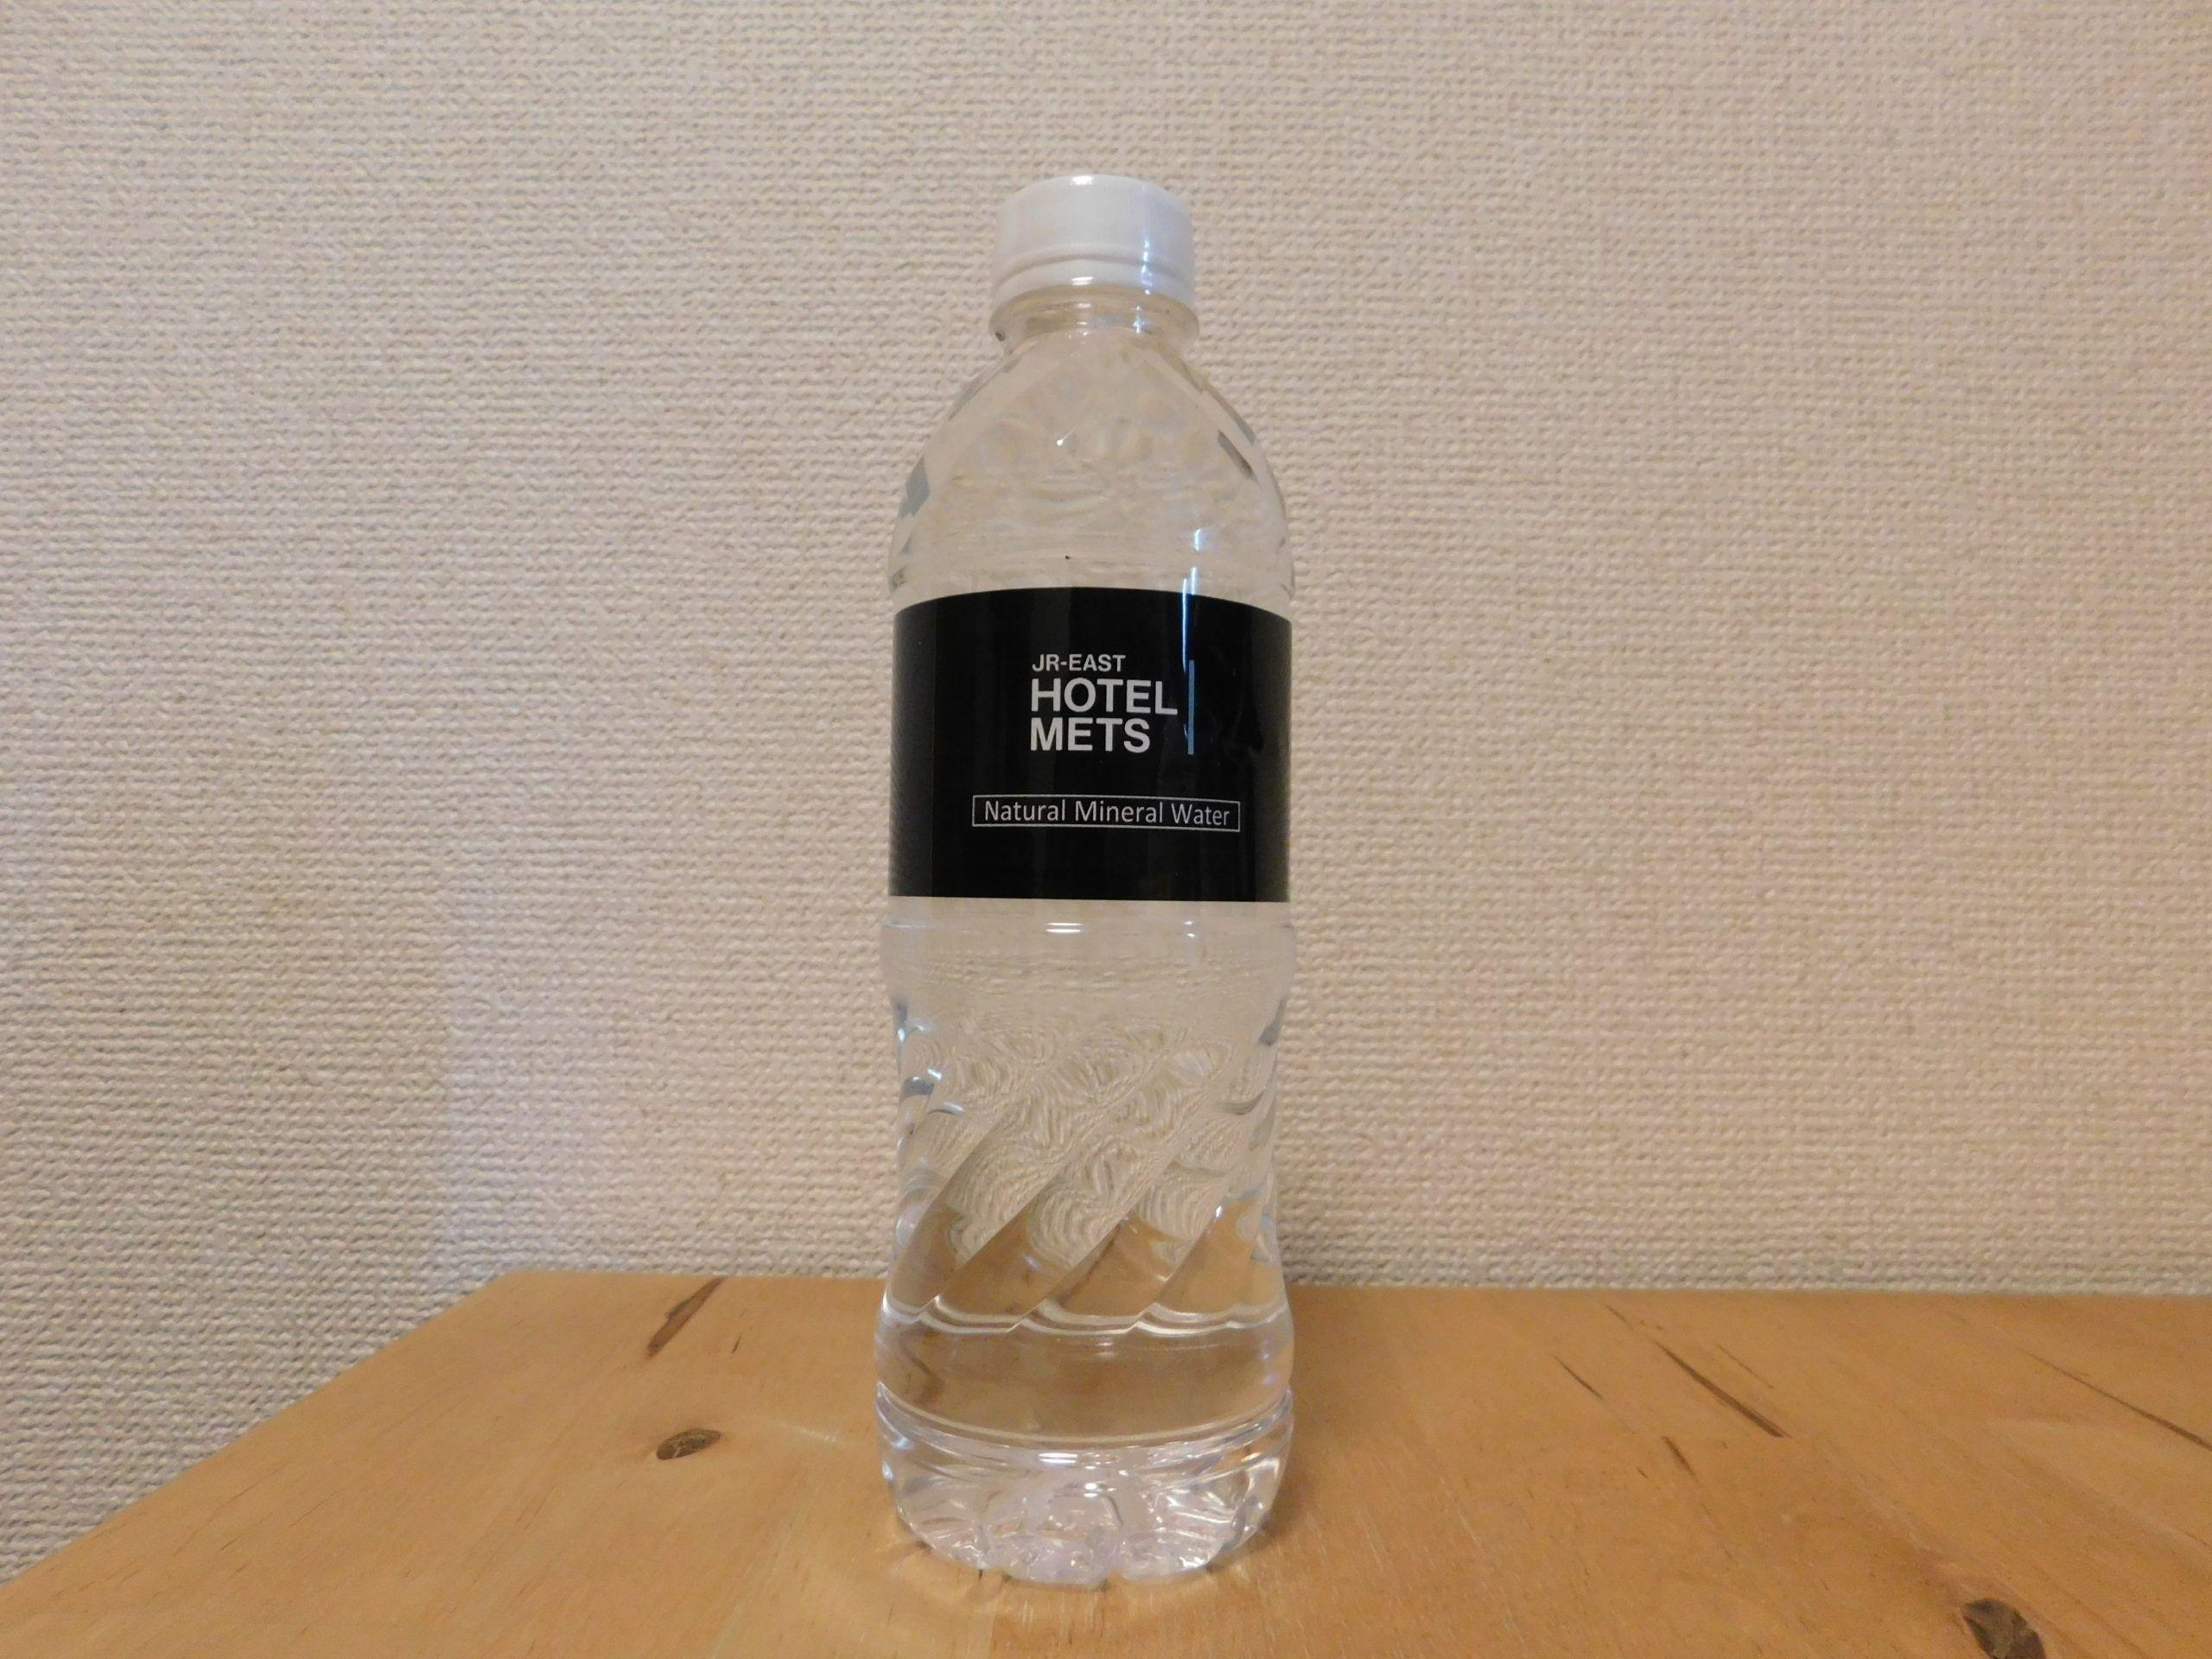 最近はウェルカムウォーターとして チェックイン時に無料で飲めるミネラルウォーターを オリジナルで製作する所が増えてきた この製品は岐阜県関市で採れた水をボトリングしている 原水は環境省が選定する日本名水百選に選ばれている ホテルの水らしくキャップに